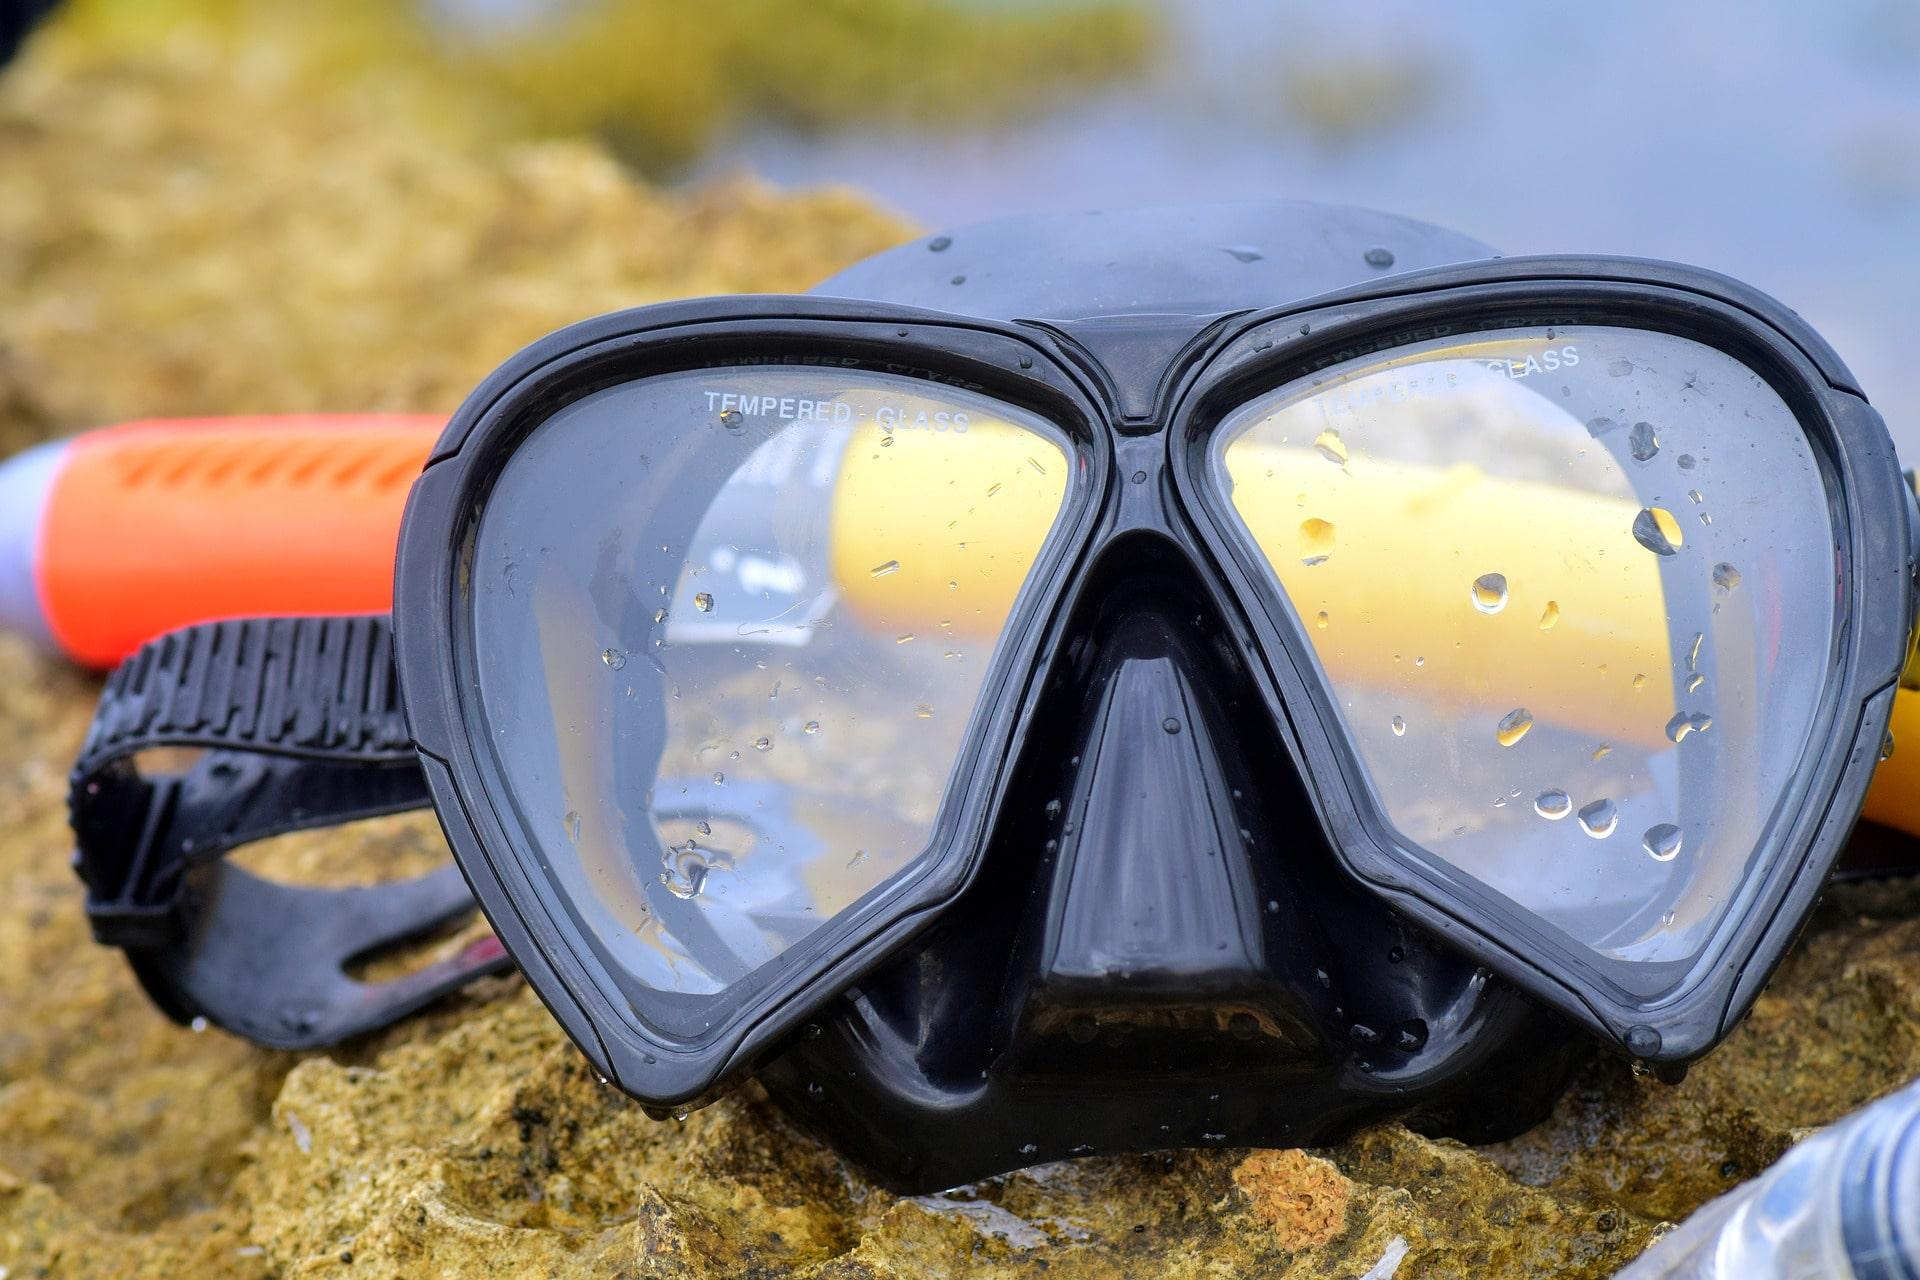 ¿Cómo hacer snorkel? Consejos para principiantes